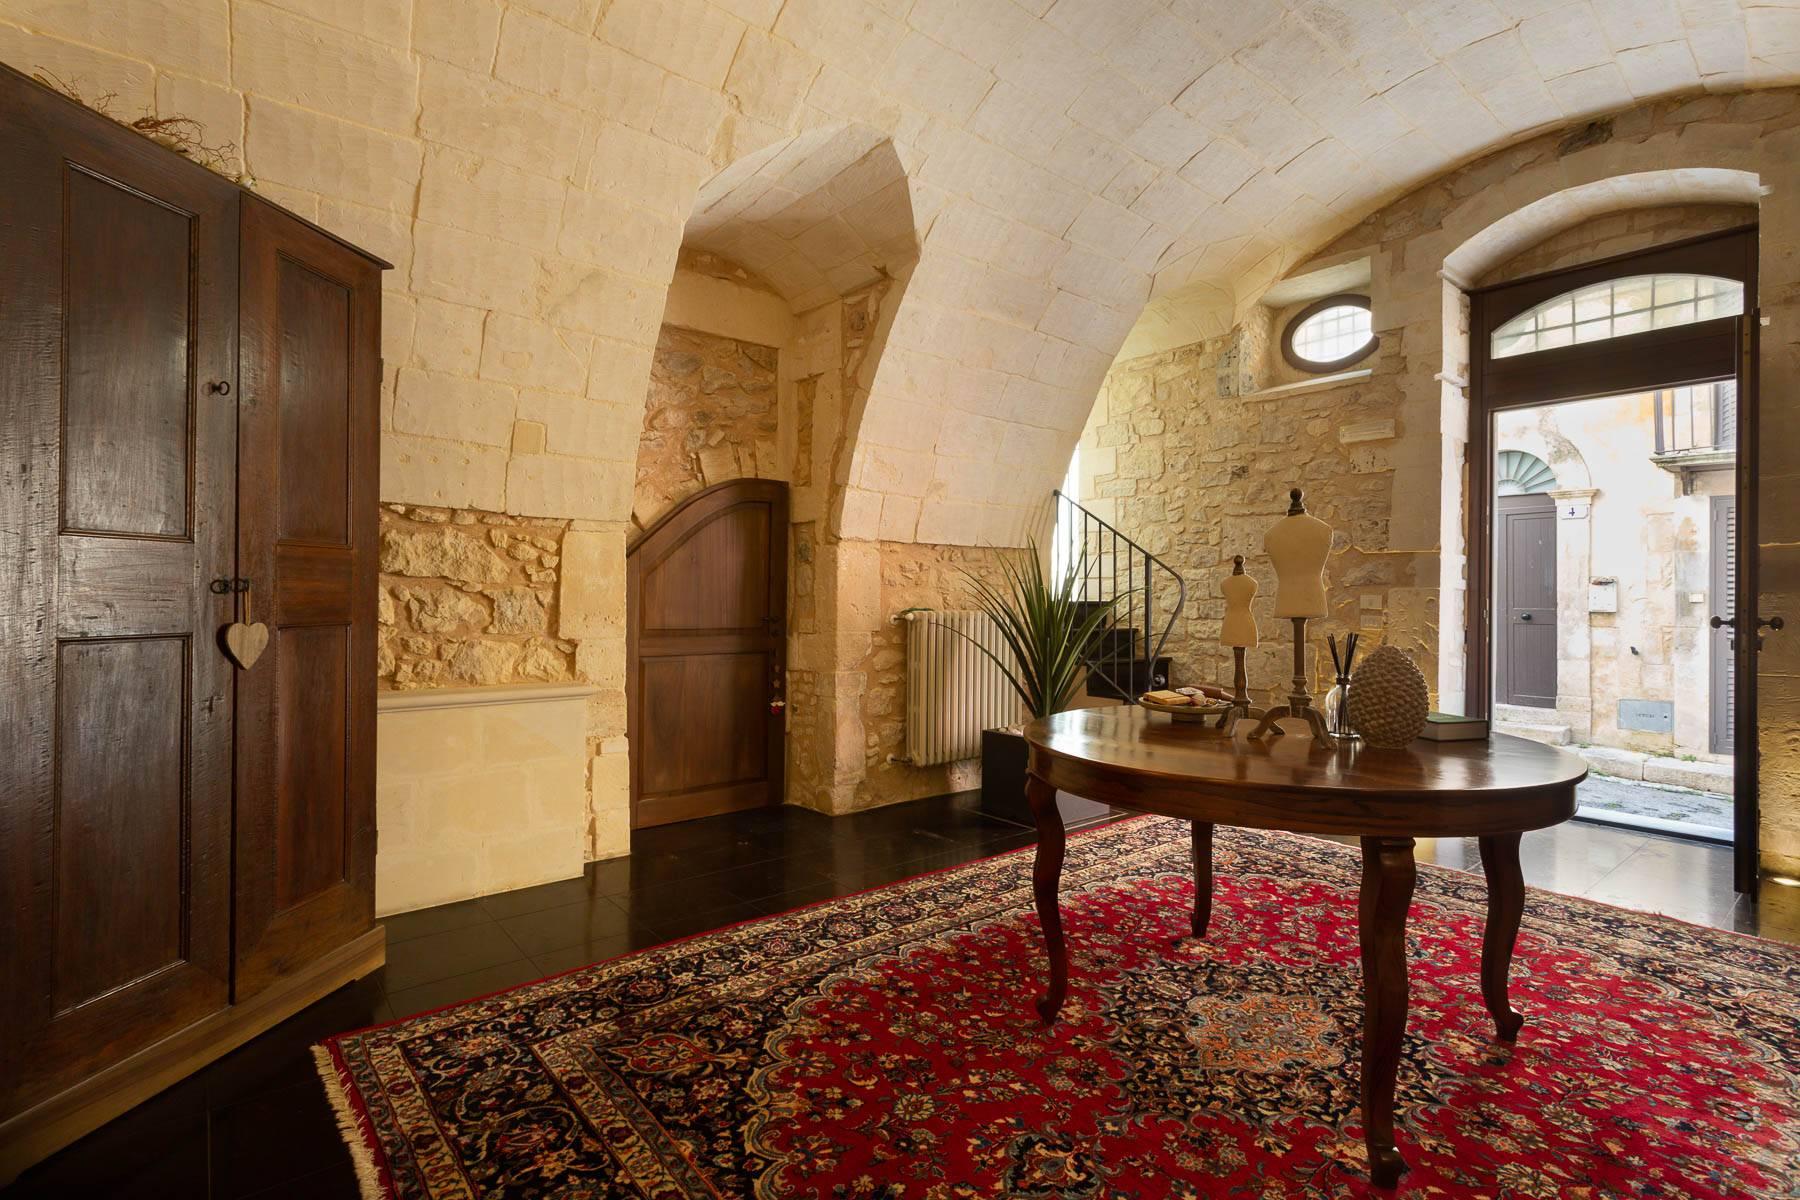 Casa indipendente in Vendita a Ragusa: 5 locali, 200 mq - Foto 5